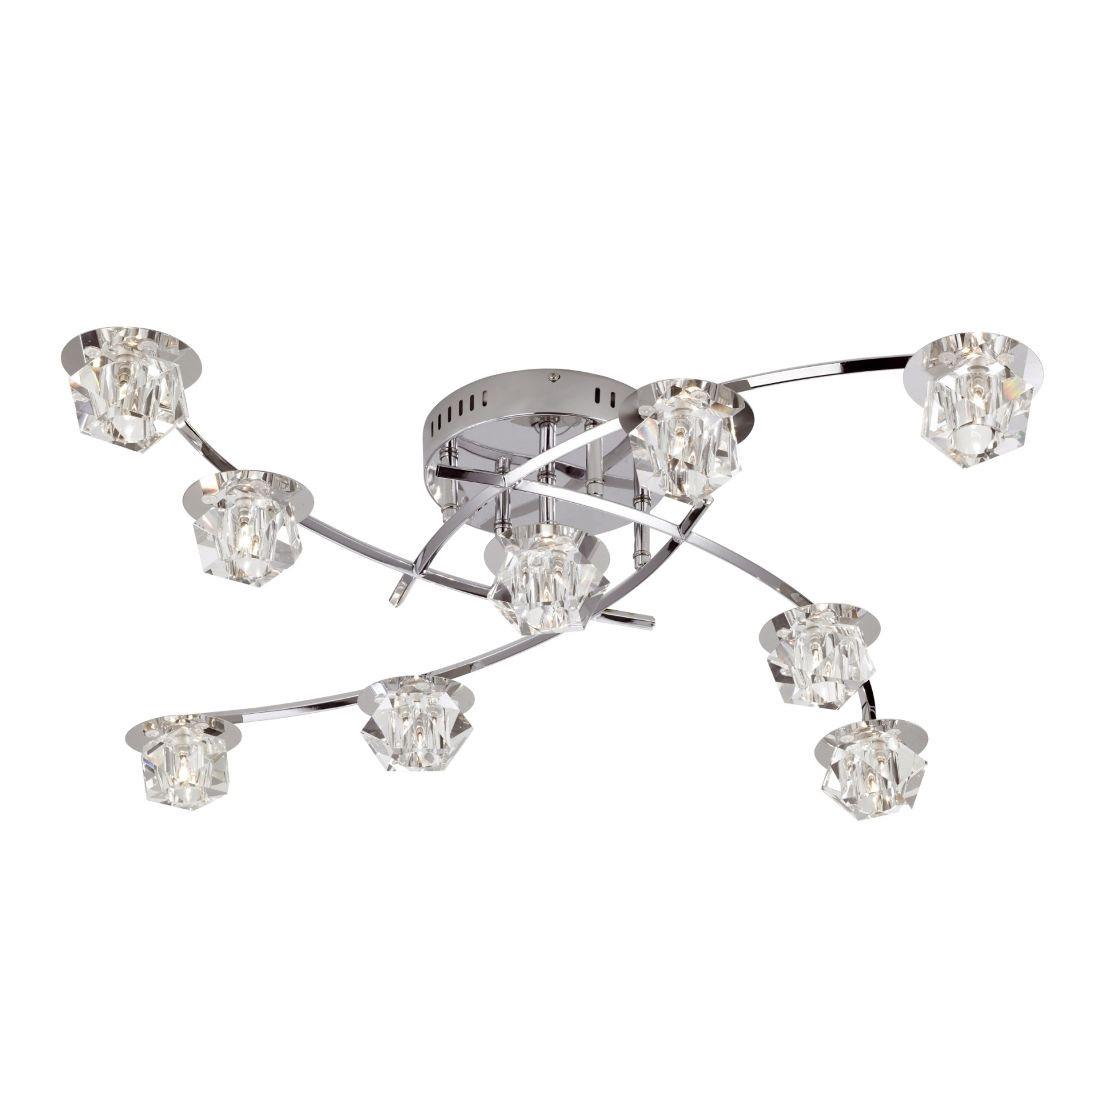 EEK B, Deckenleuchte Allegra – 9-flammig – LED, mit Fernbedienung – Metall, Glas – Chrom, weiß transparent, Paul Neuhaus günstig online kaufen